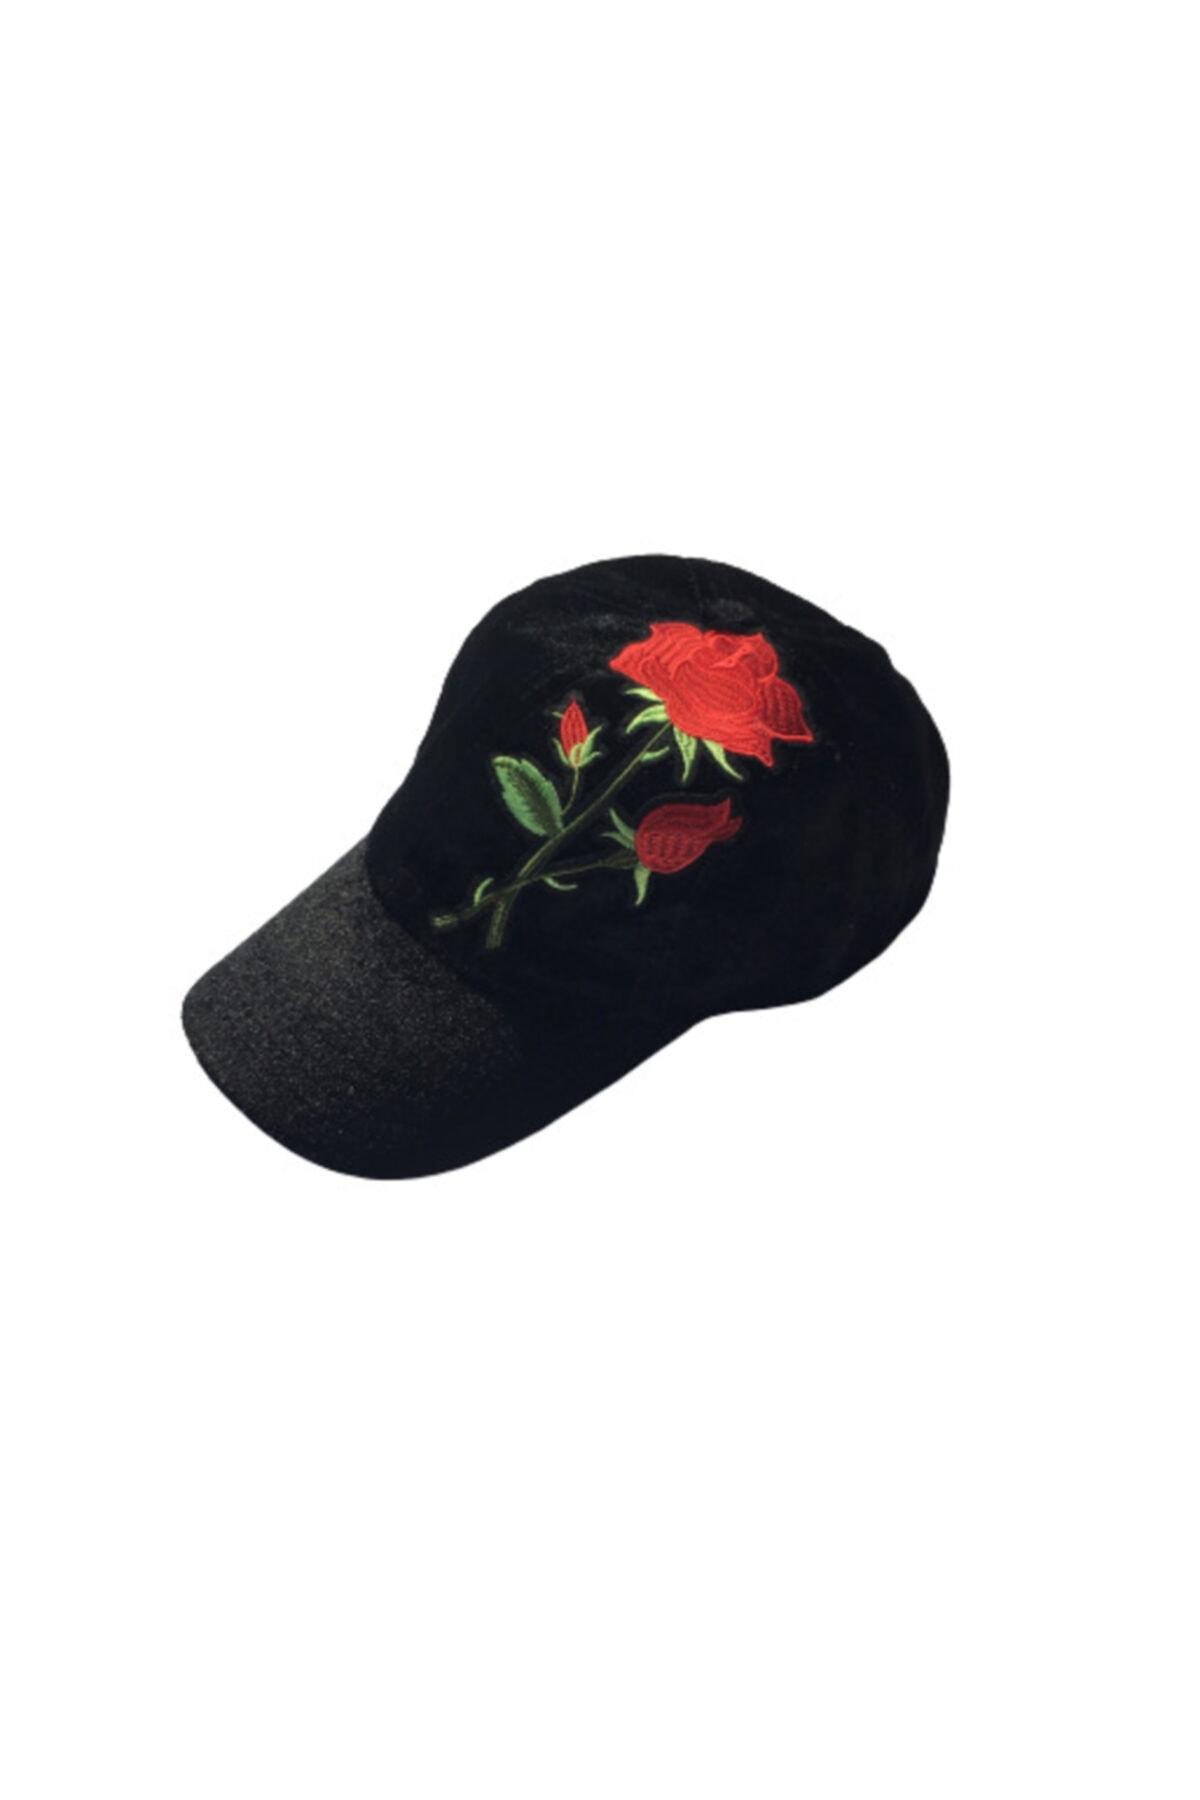 HANGNAVAL Gece Gülü Şapka Kadın Erkek Kadife Şapka 1